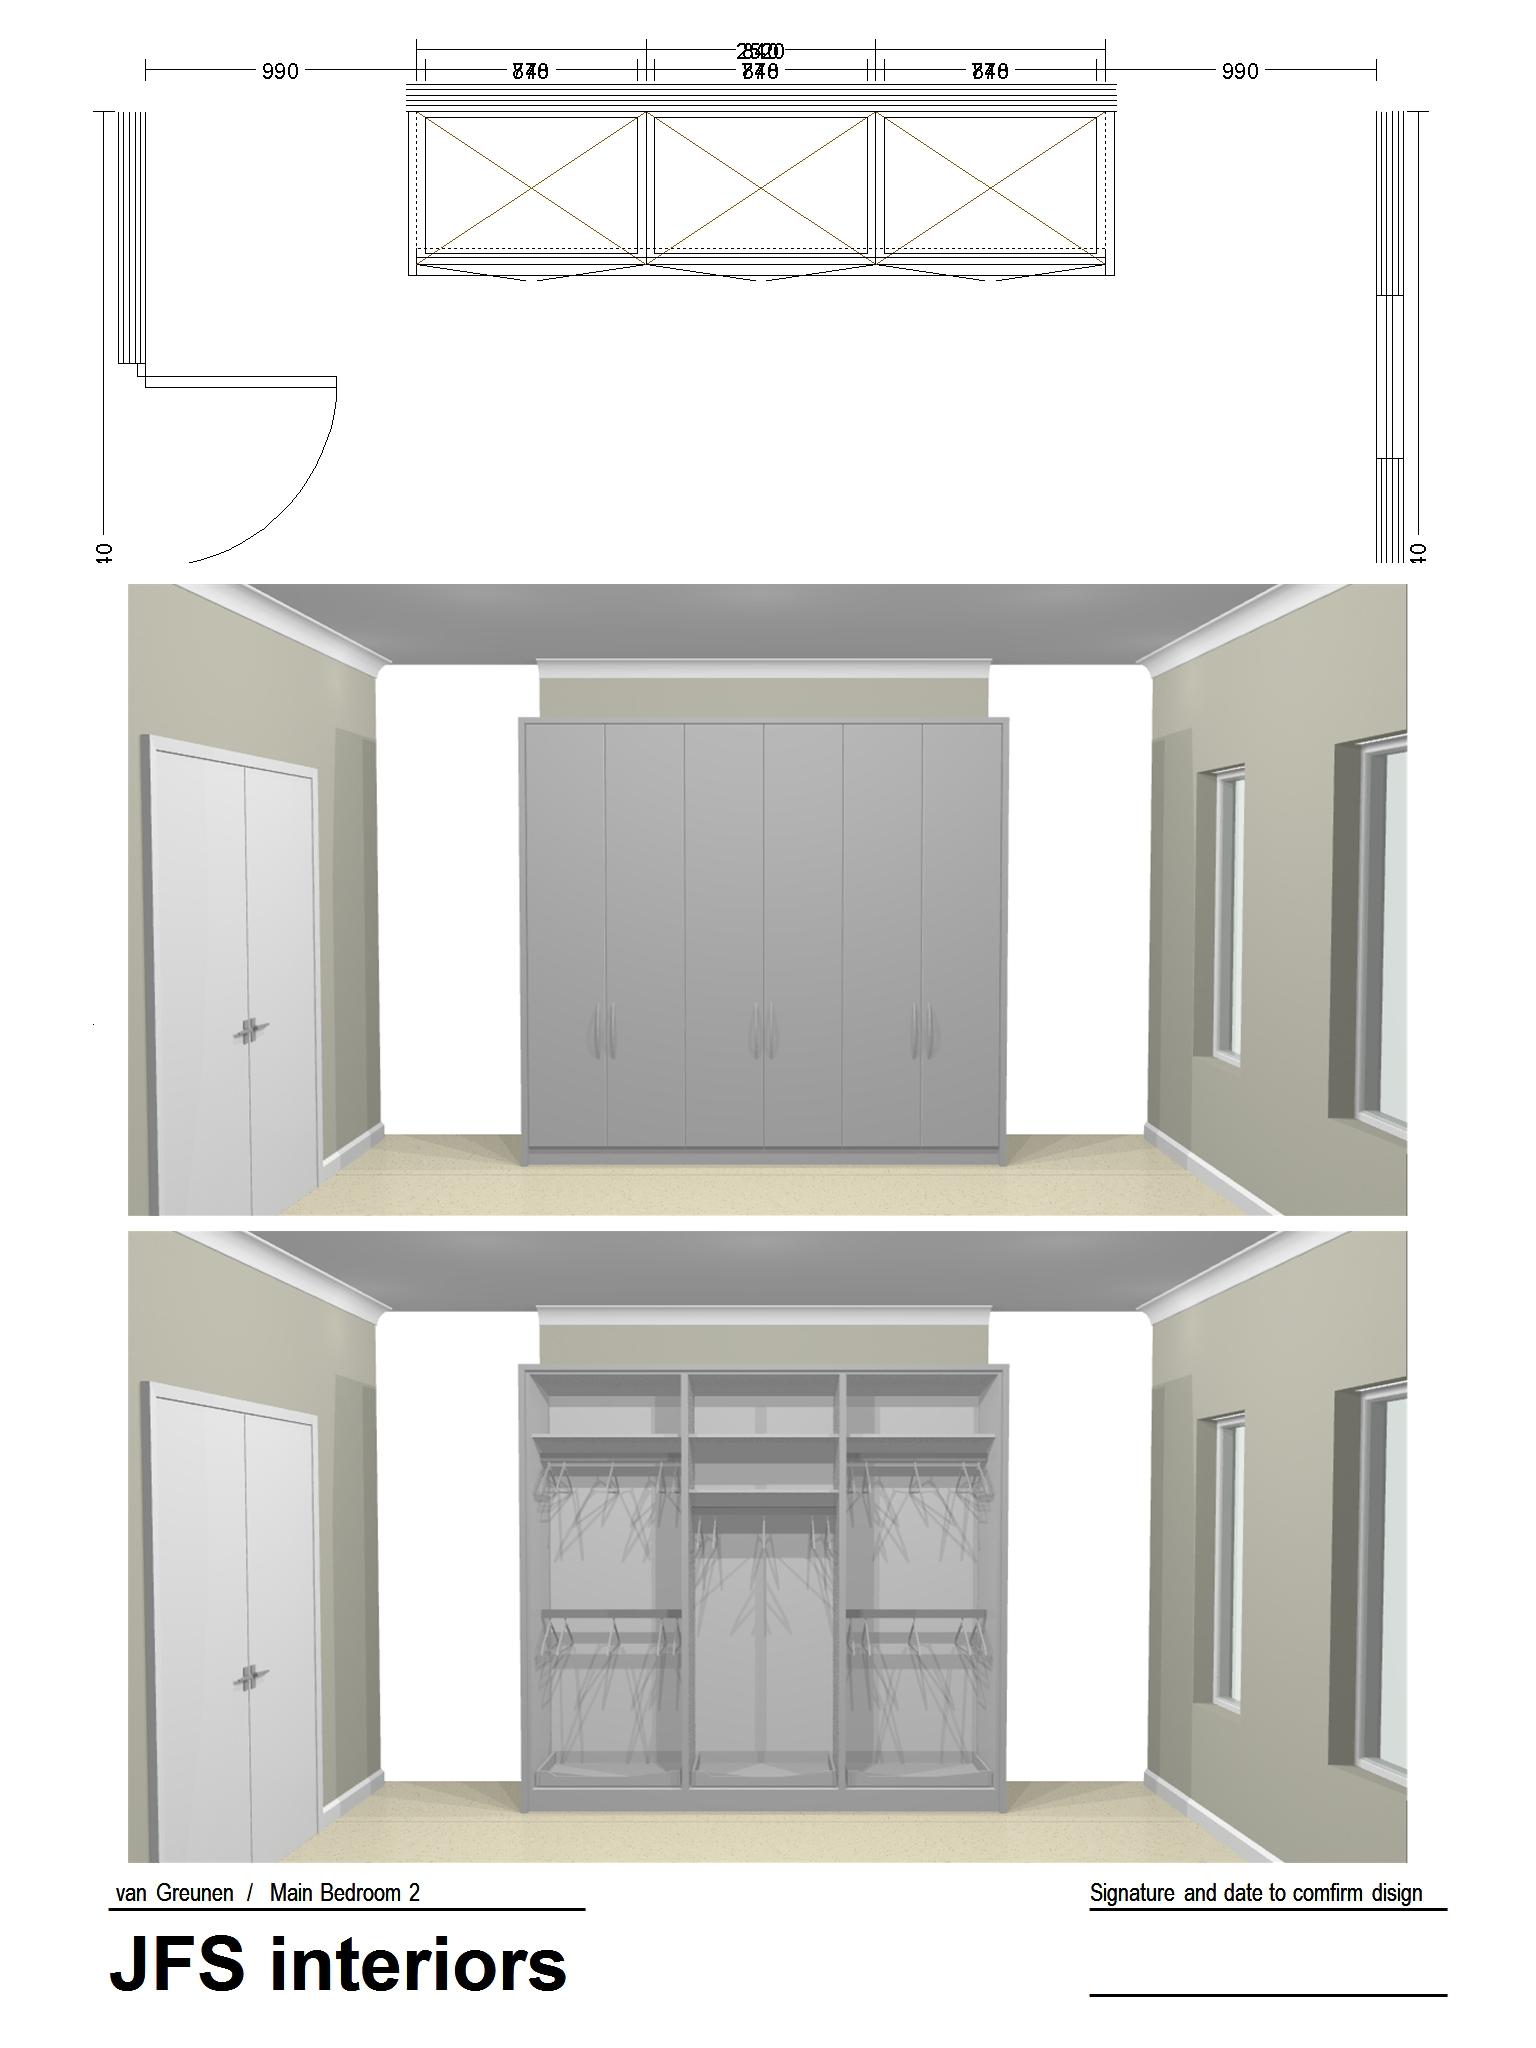 jbp van Greunen Main bedroom 2